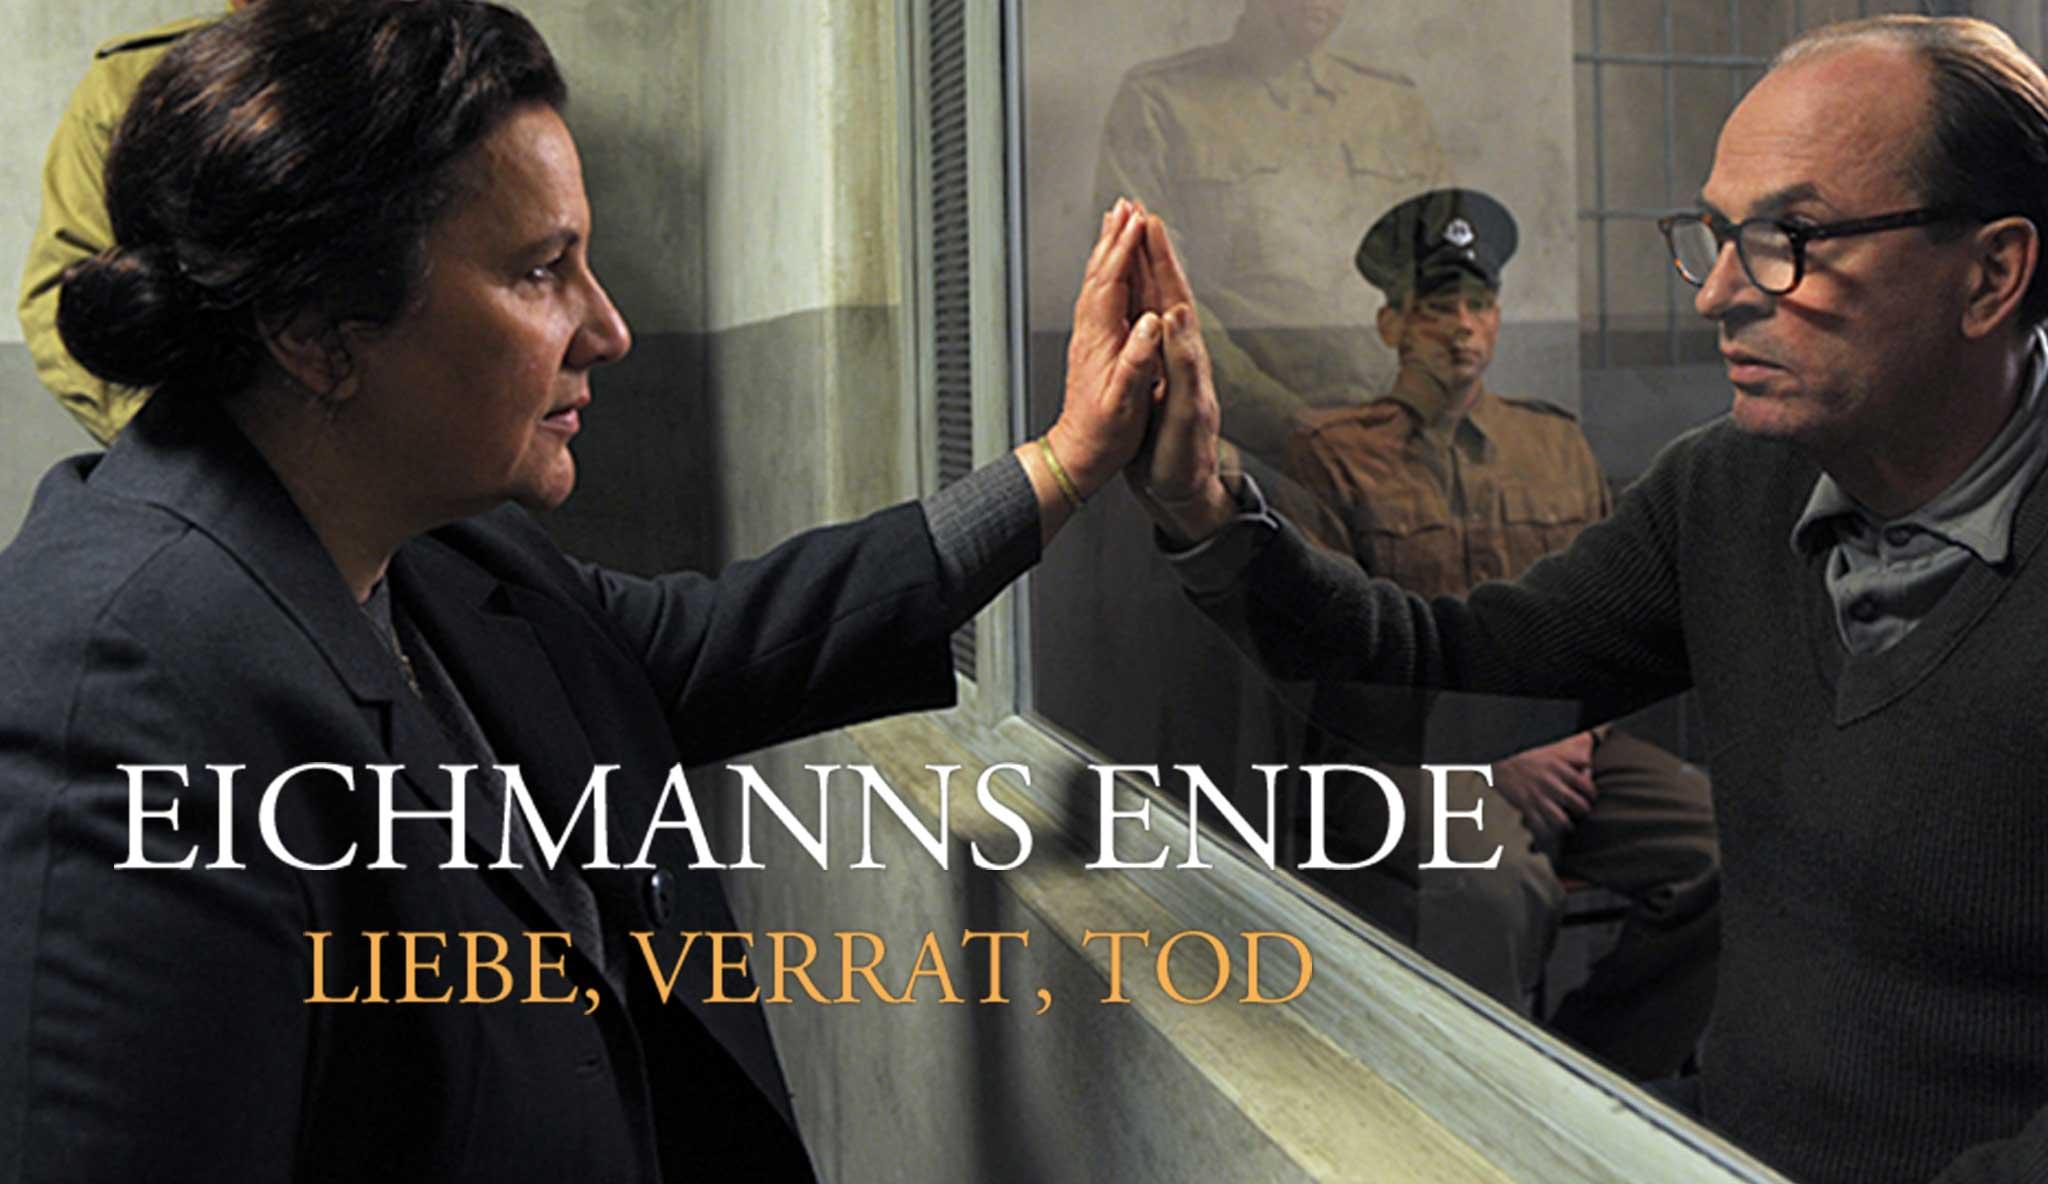 eichmanns-ende-liebe-verrat-und-tod\header.jpg